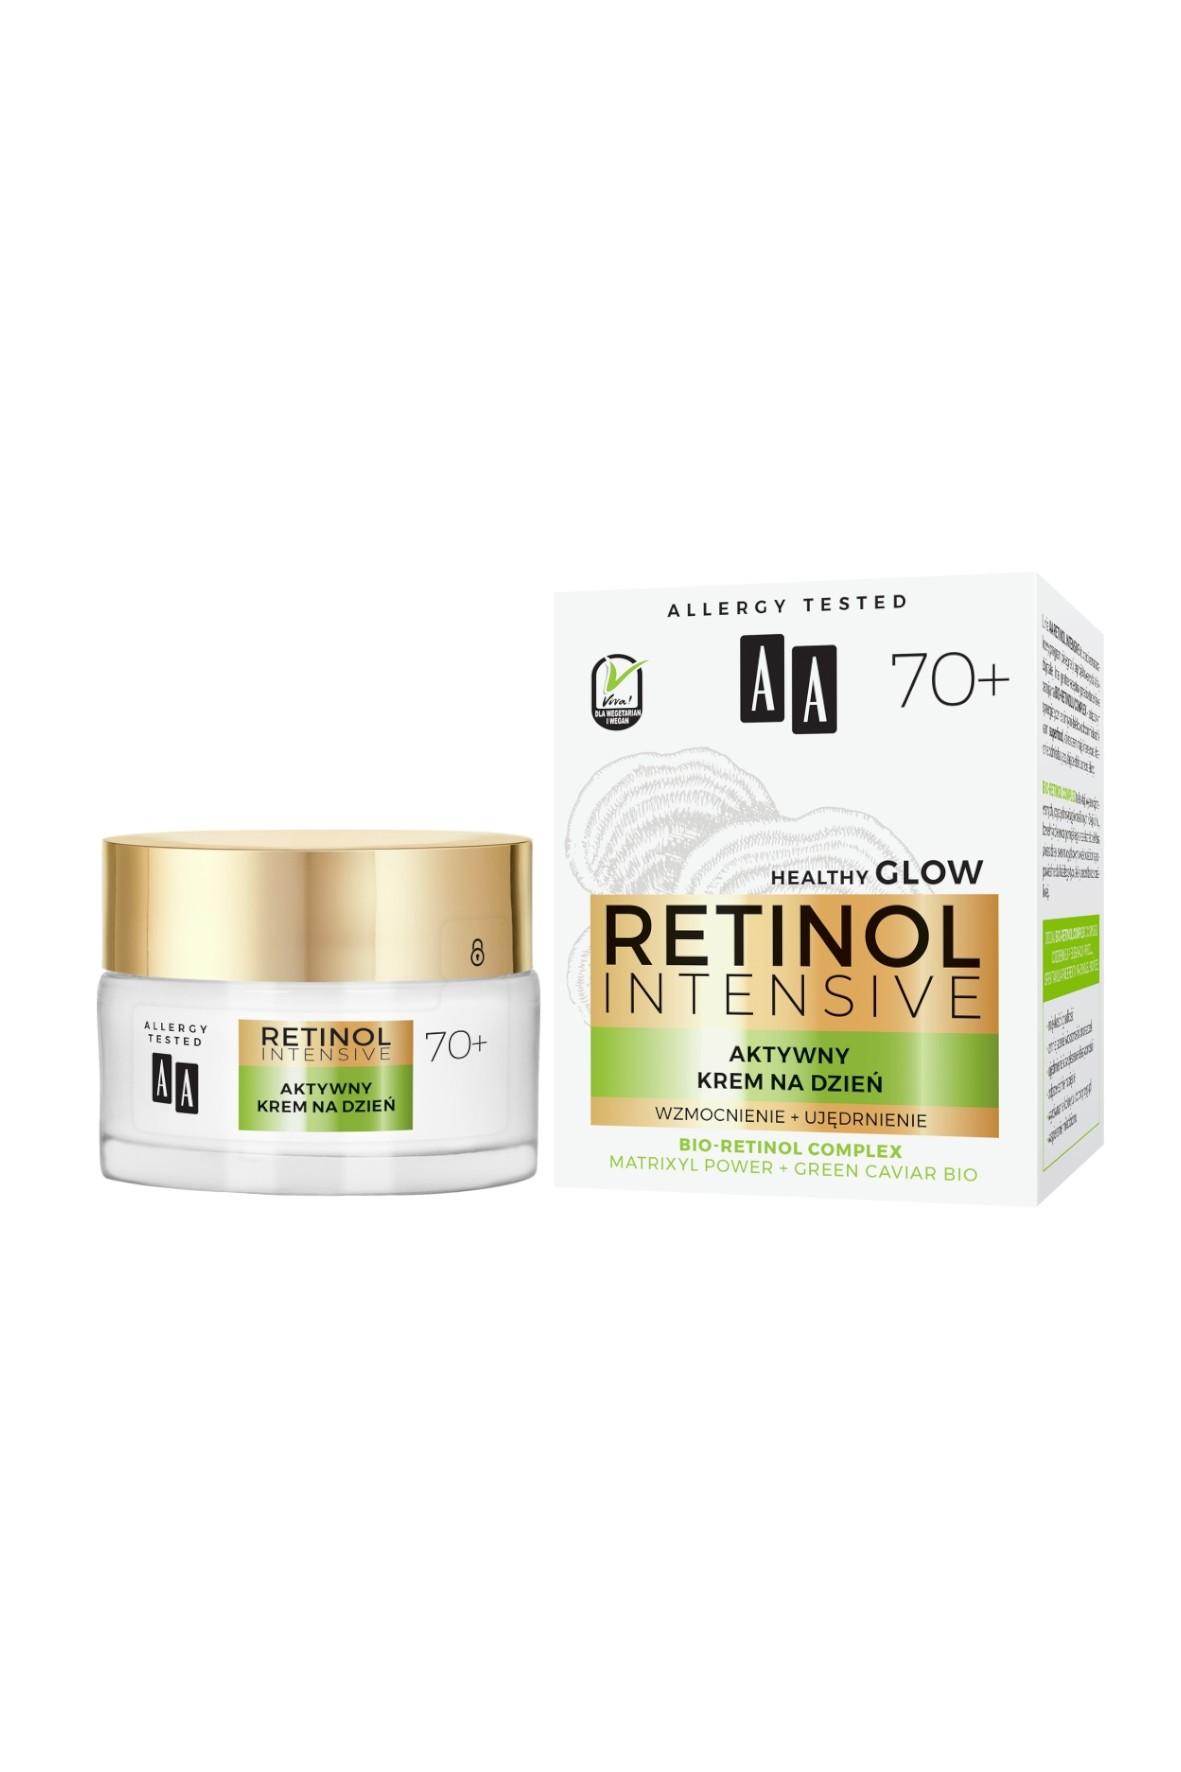 AA Retinol Intensive 70+ aktywny krem na dzień wzmocnienie+ujędrnienie 50 ml